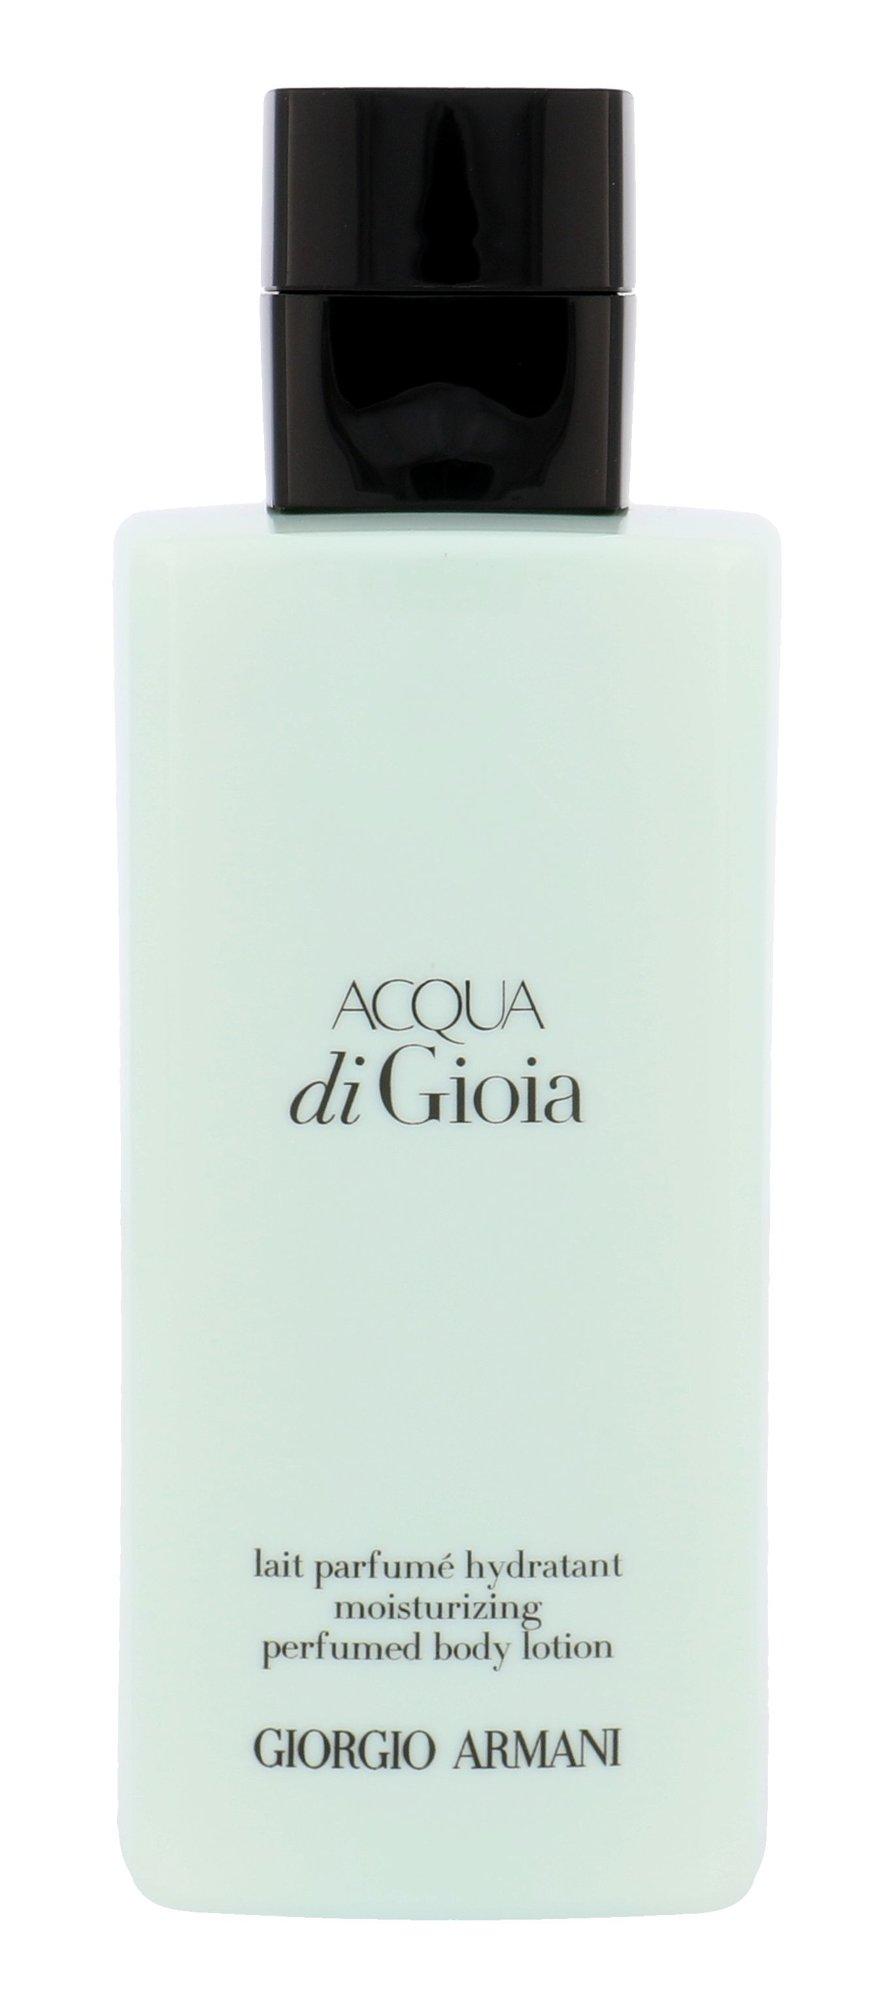 Giorgio Armani Acqua di Gioia Body lotion 200ml